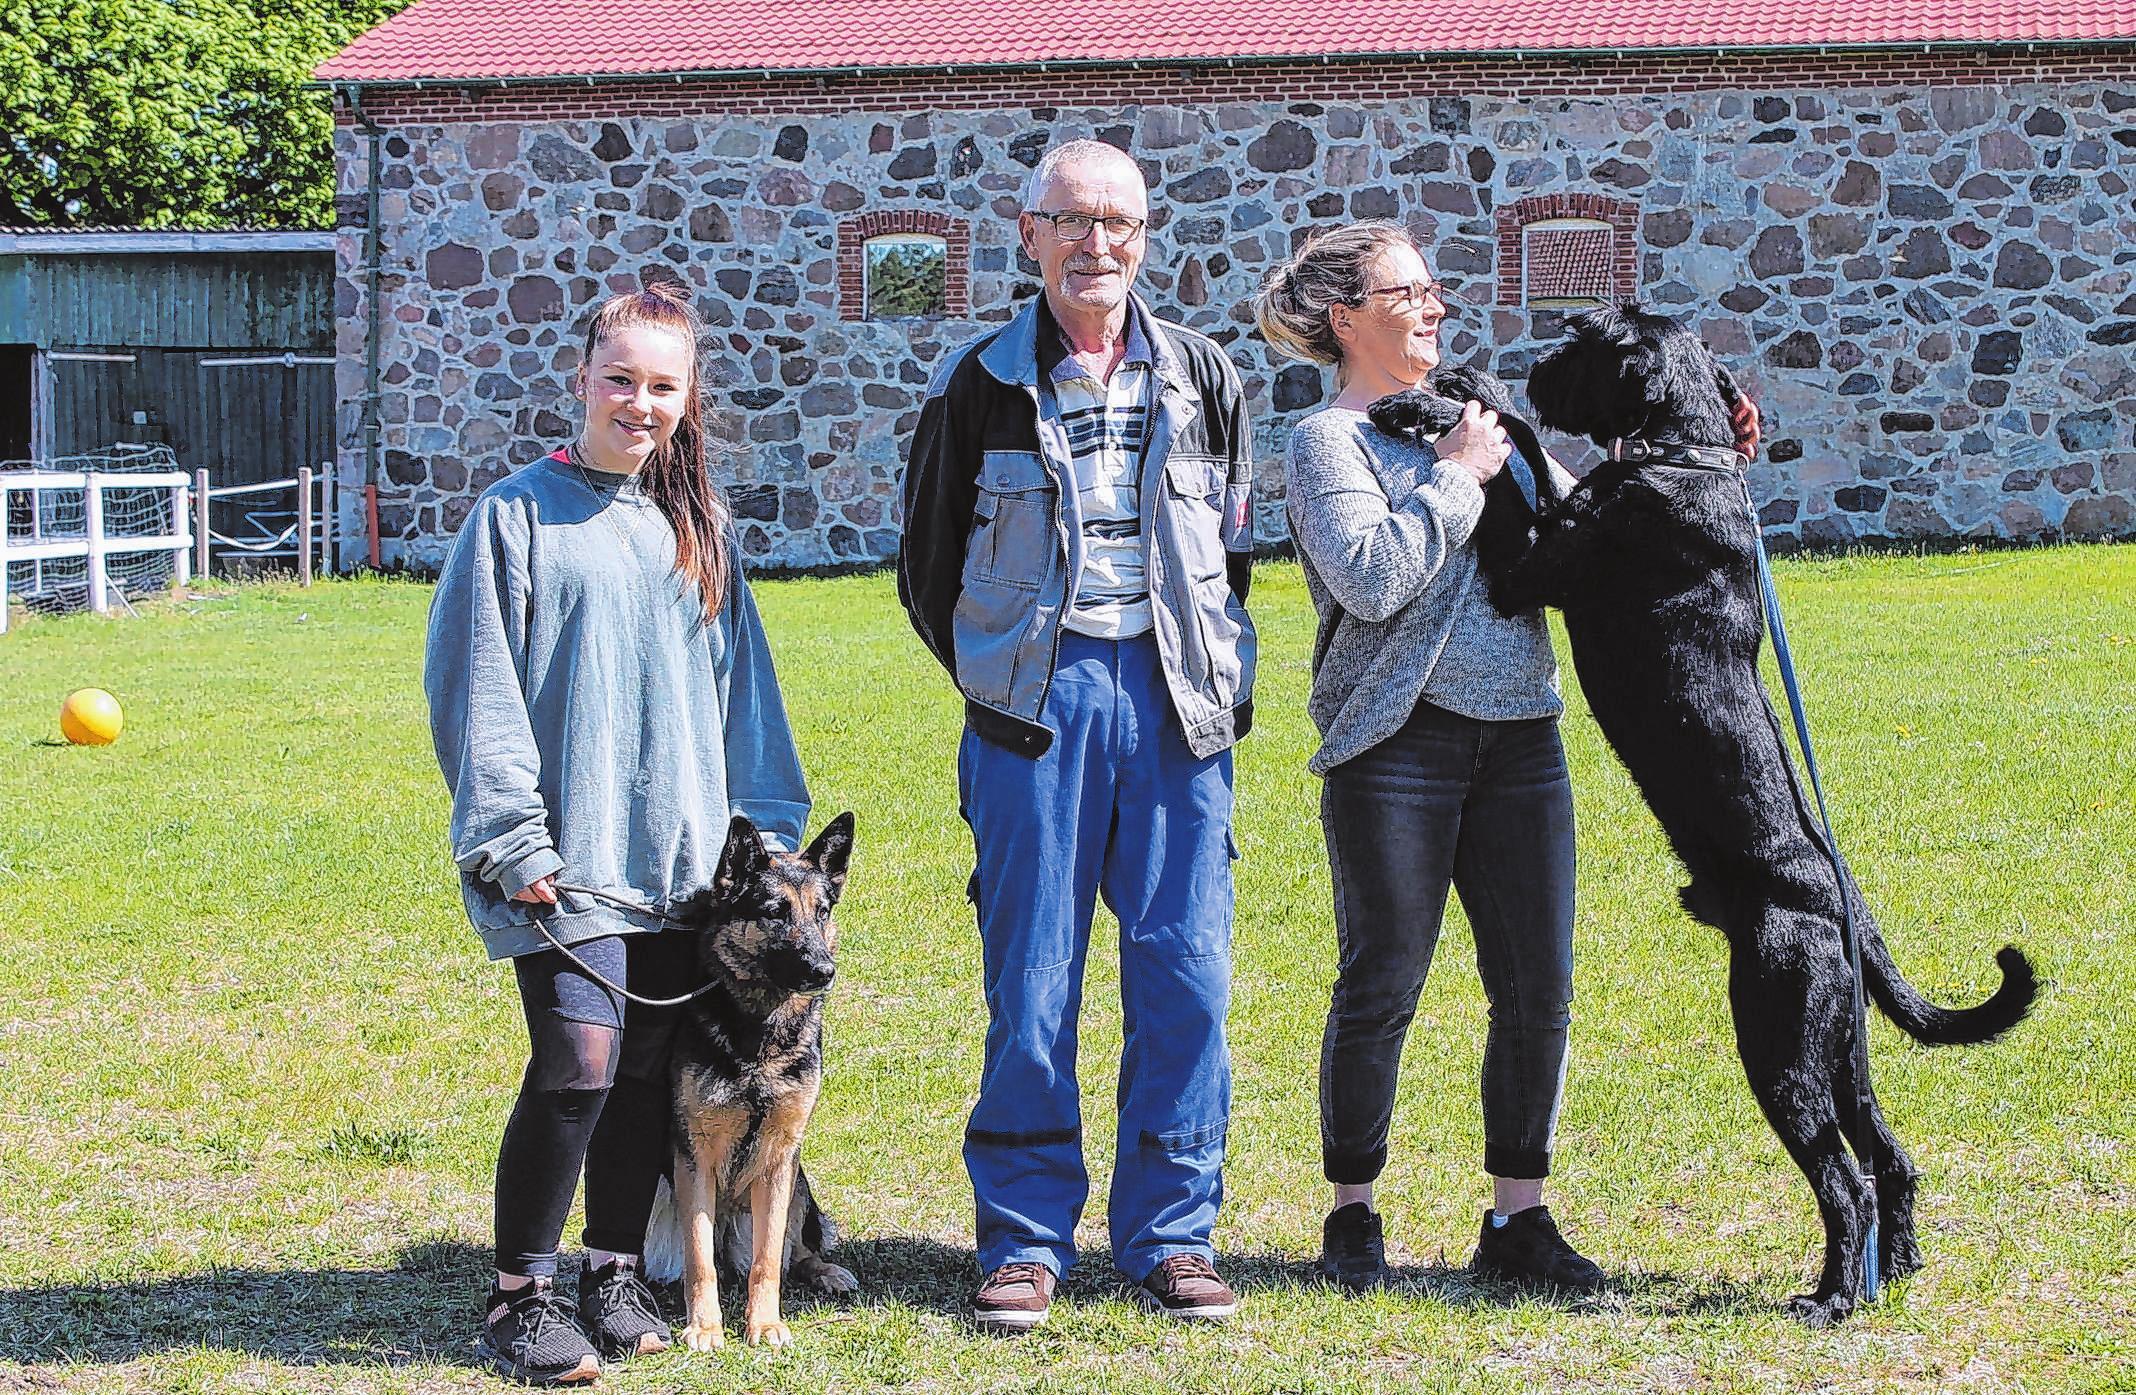 Bestens aufgehoben sind alle tierischen Vierbeiner in der Hundepension Darsikow. Fotos (2): M.Lerm